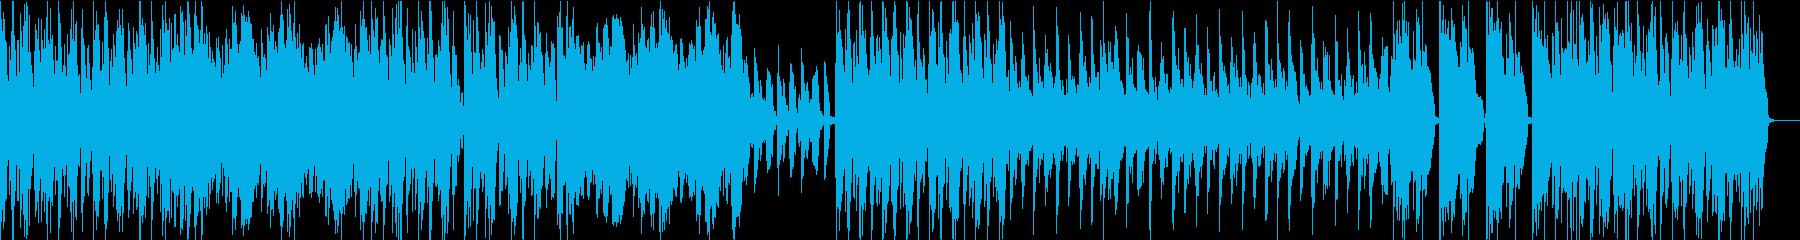 ショートブレイクジャズロックの再生済みの波形